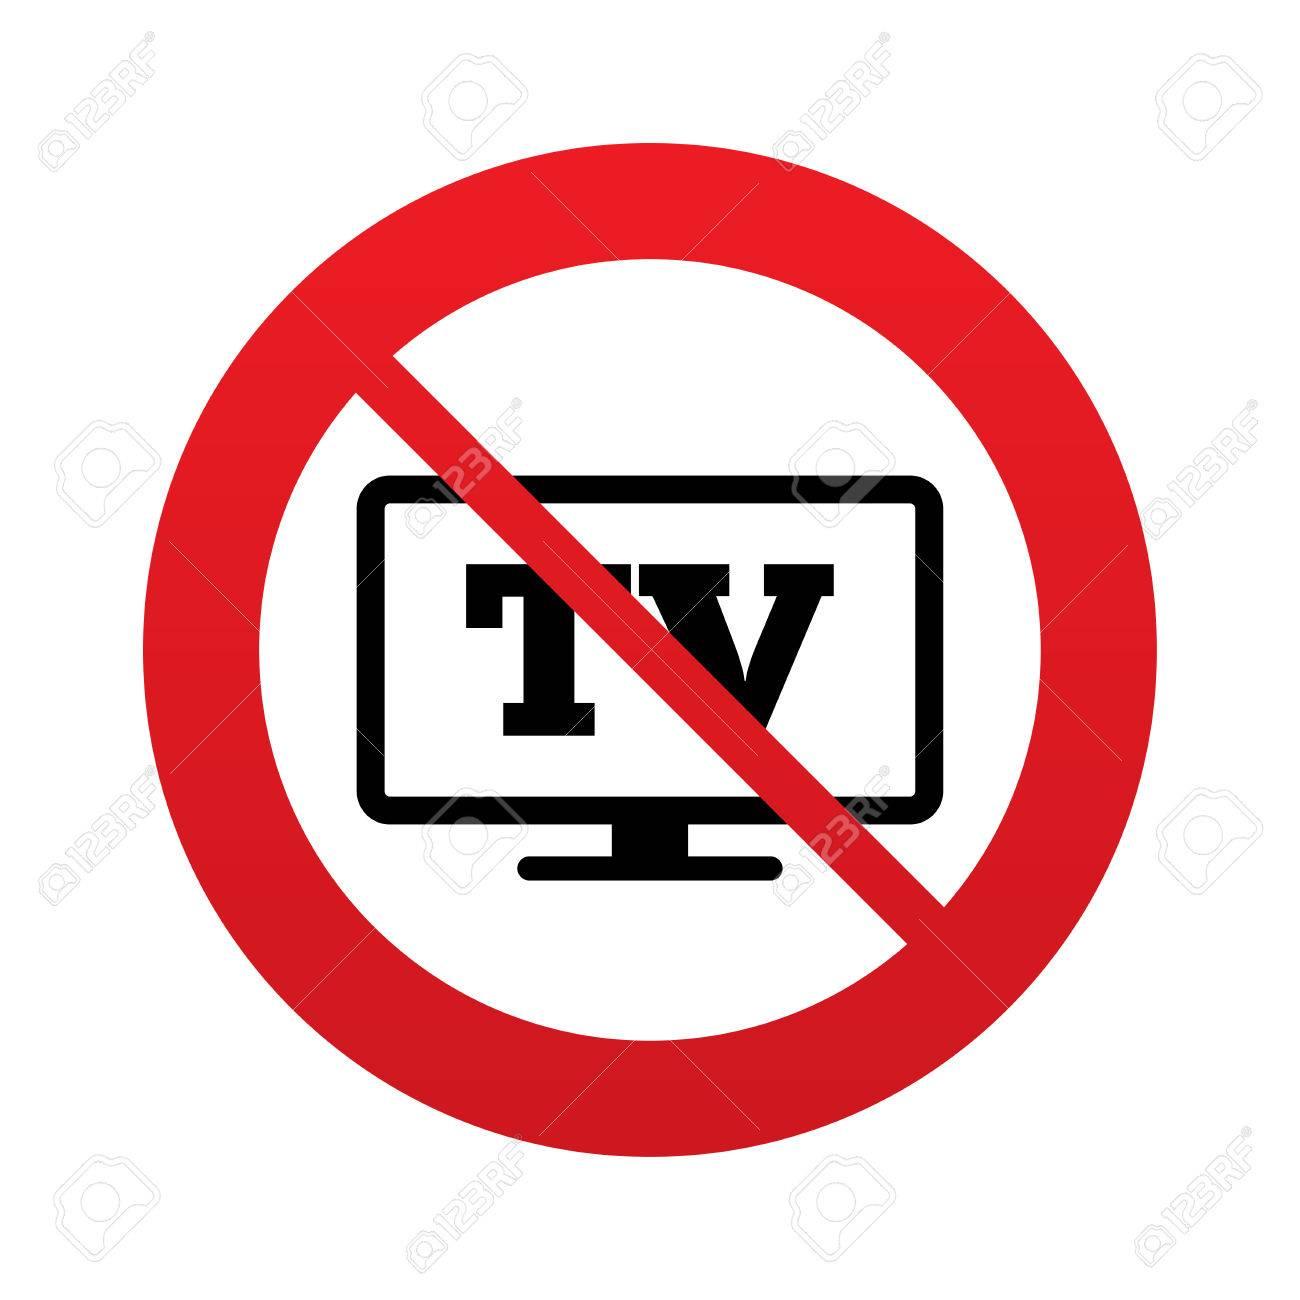 pas widescreen signe de l icone tv televiseur symbole panneau d interdiction rouge arretez symbole vecteur